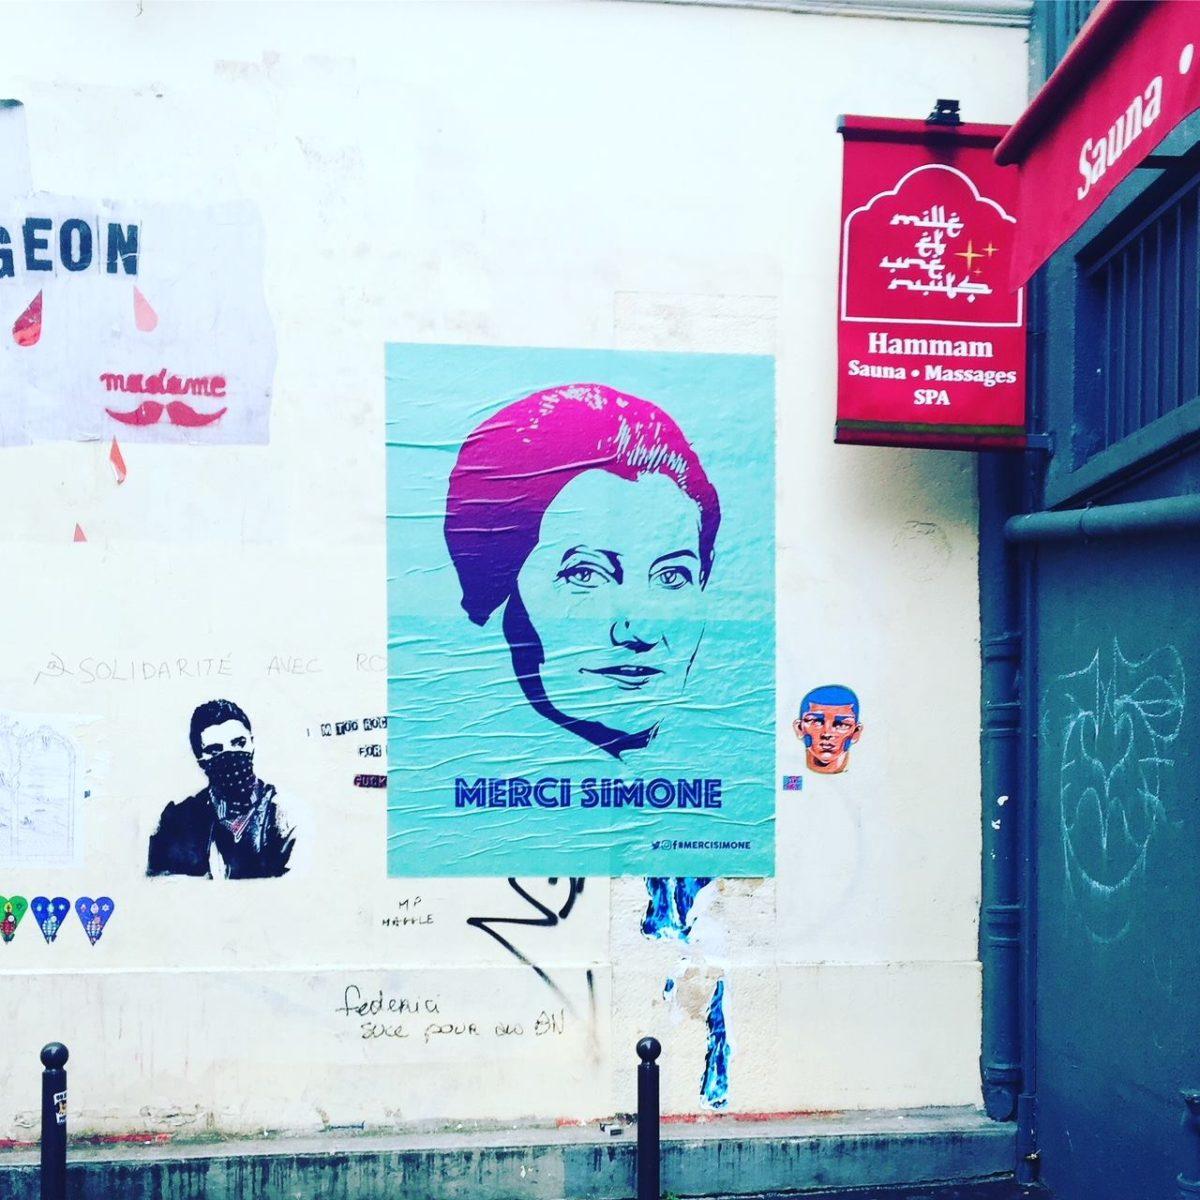 merci simone veil affiches paris - Merci Simone, le collectif qui affiche Simone Veil sur les murs de la ville